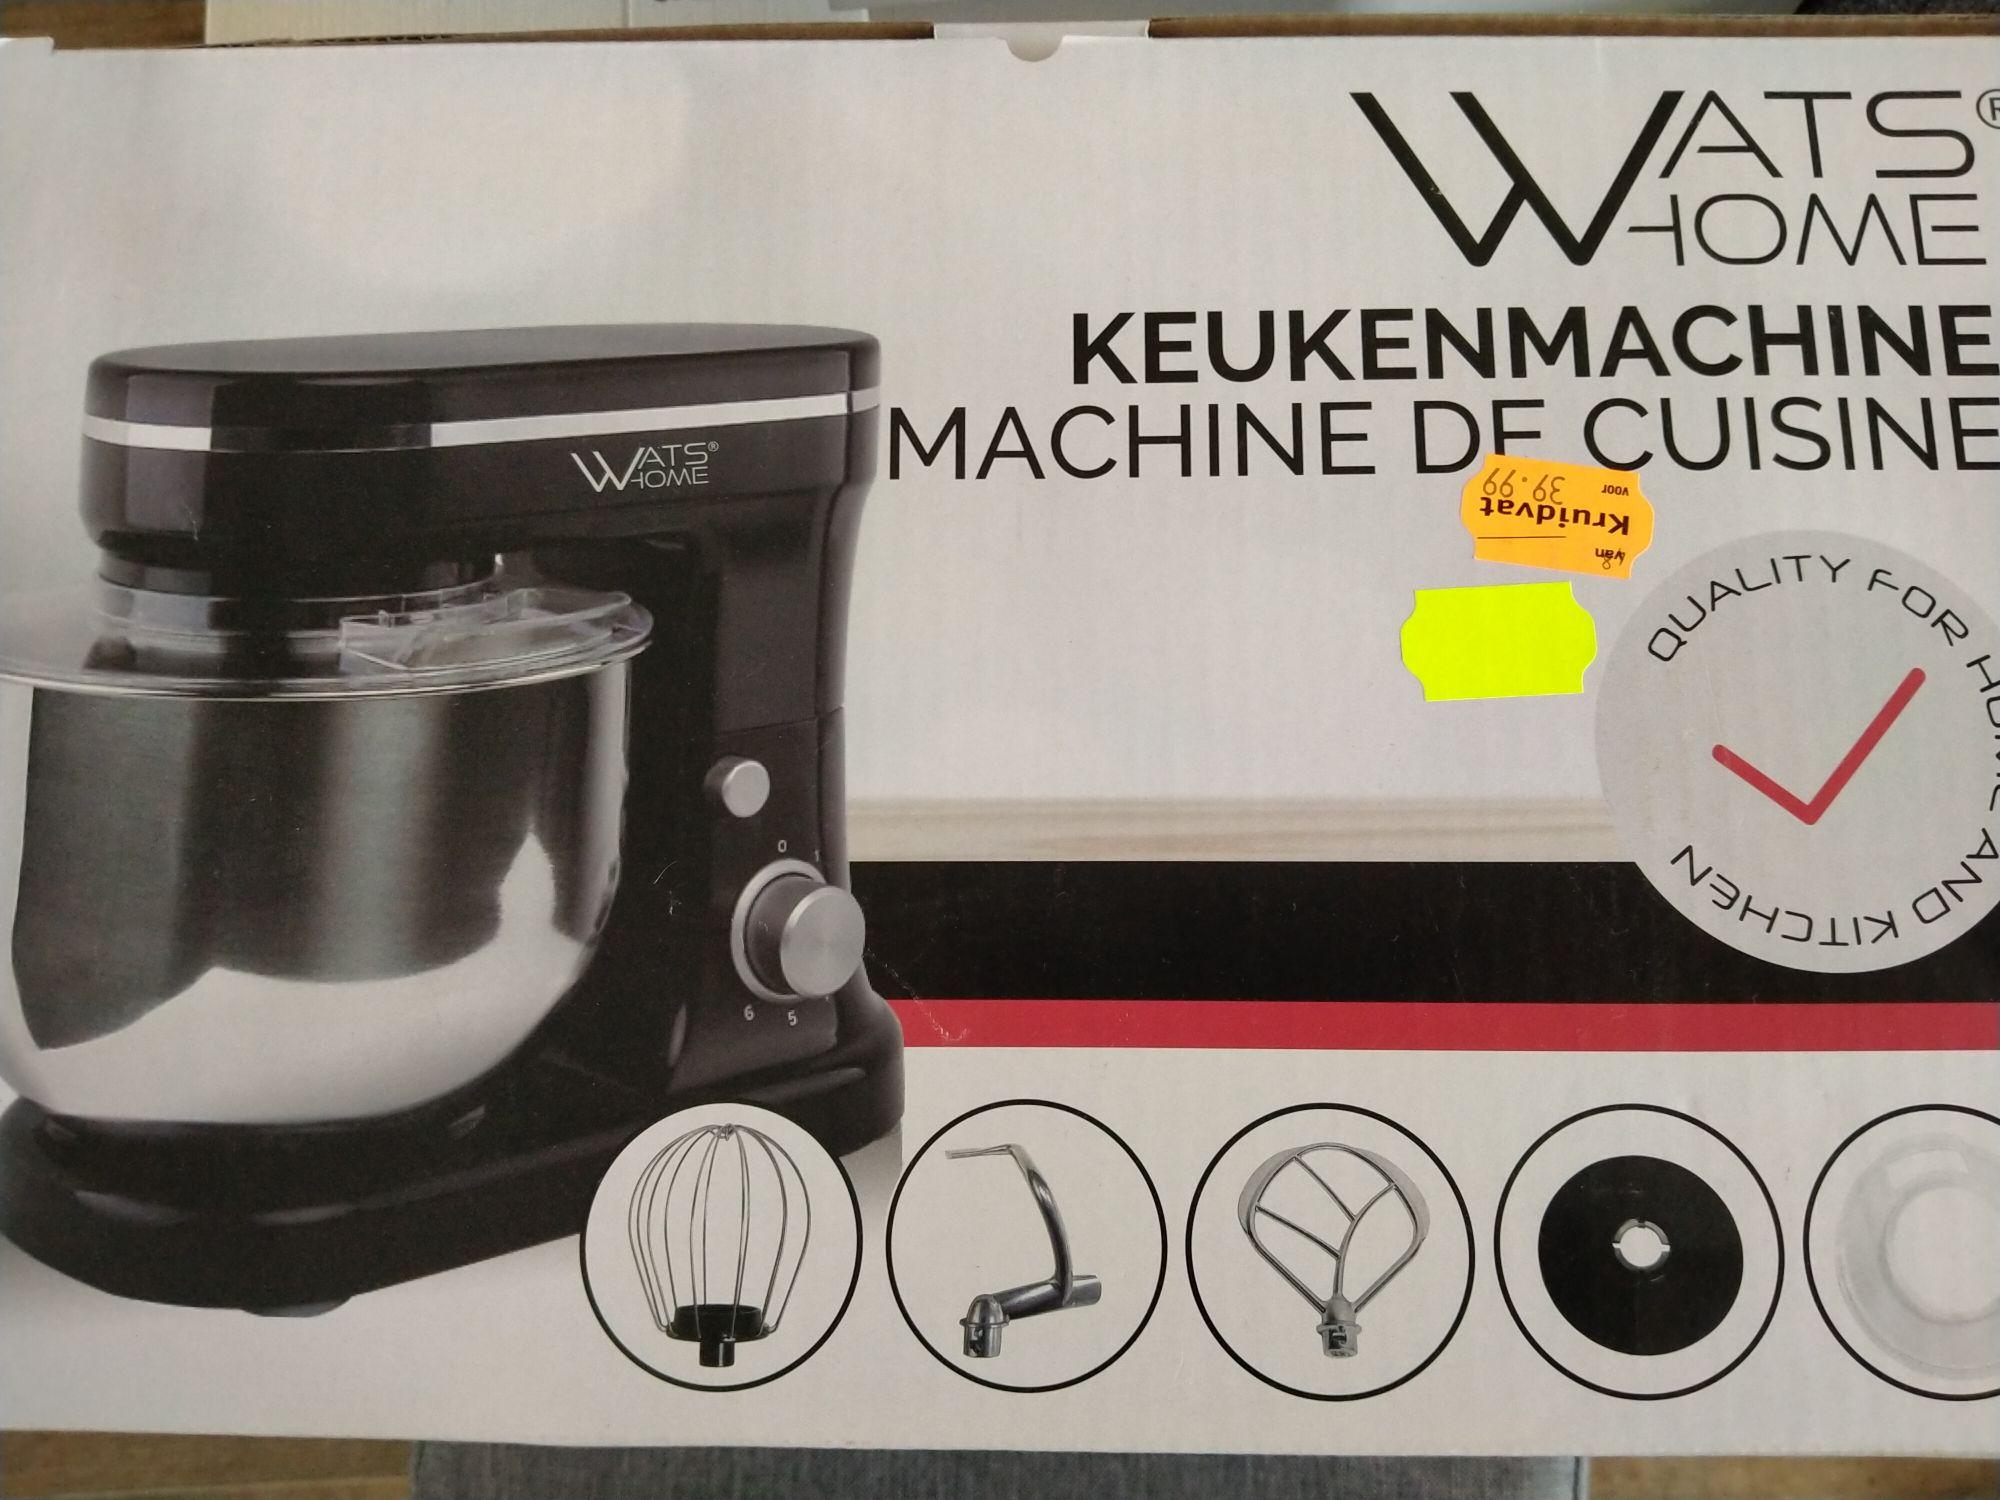 Lokaal? Watshome keukenmachine Kruidvat Prinsenbeek